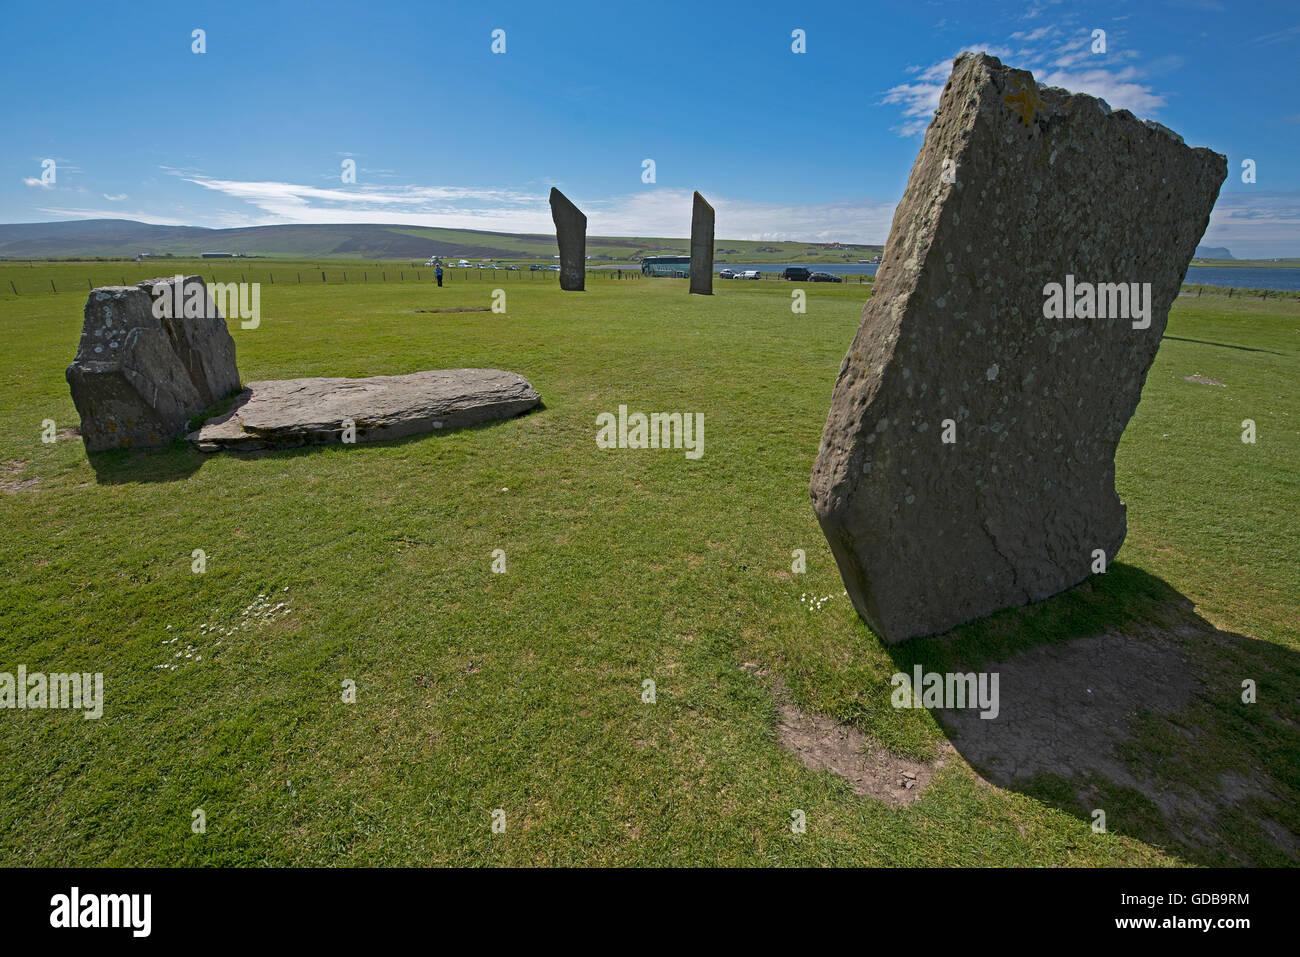 Stenness Standing Stones in das UNESCO-Weltkulturerbe, Herz der neolithischen Orkney.  SCO 10.704. Stockfoto